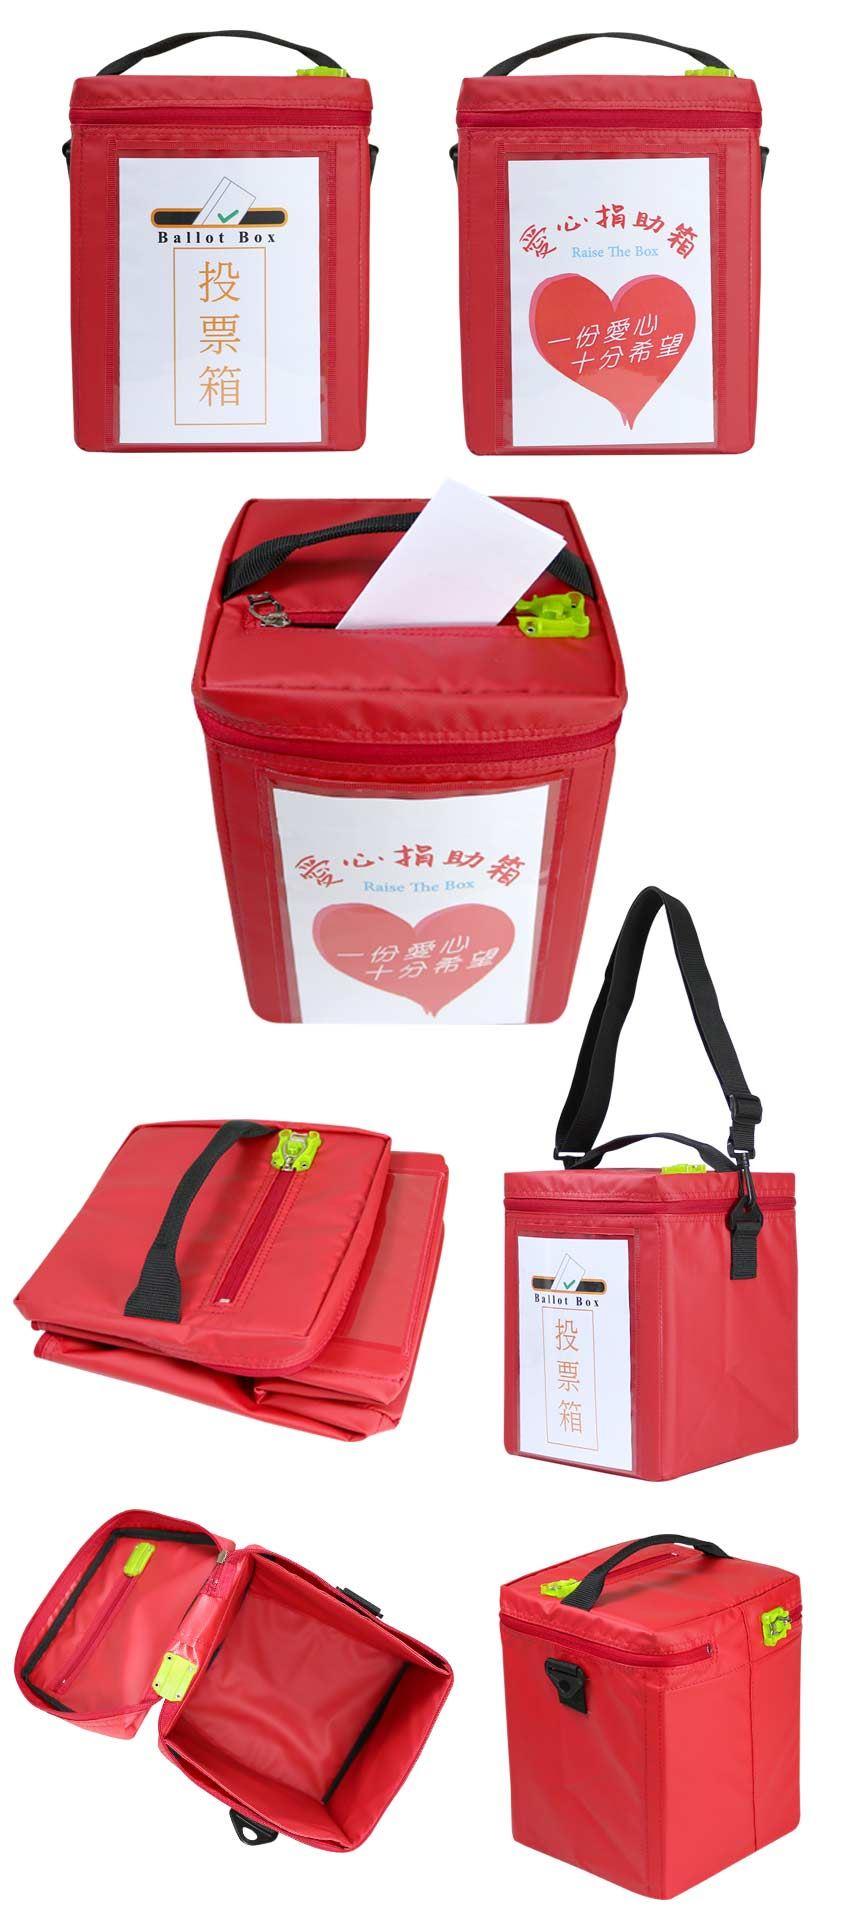 摺疊收納環保捐贈箱,投票箱-搭配安全扣具,運送,交接沒煩惱